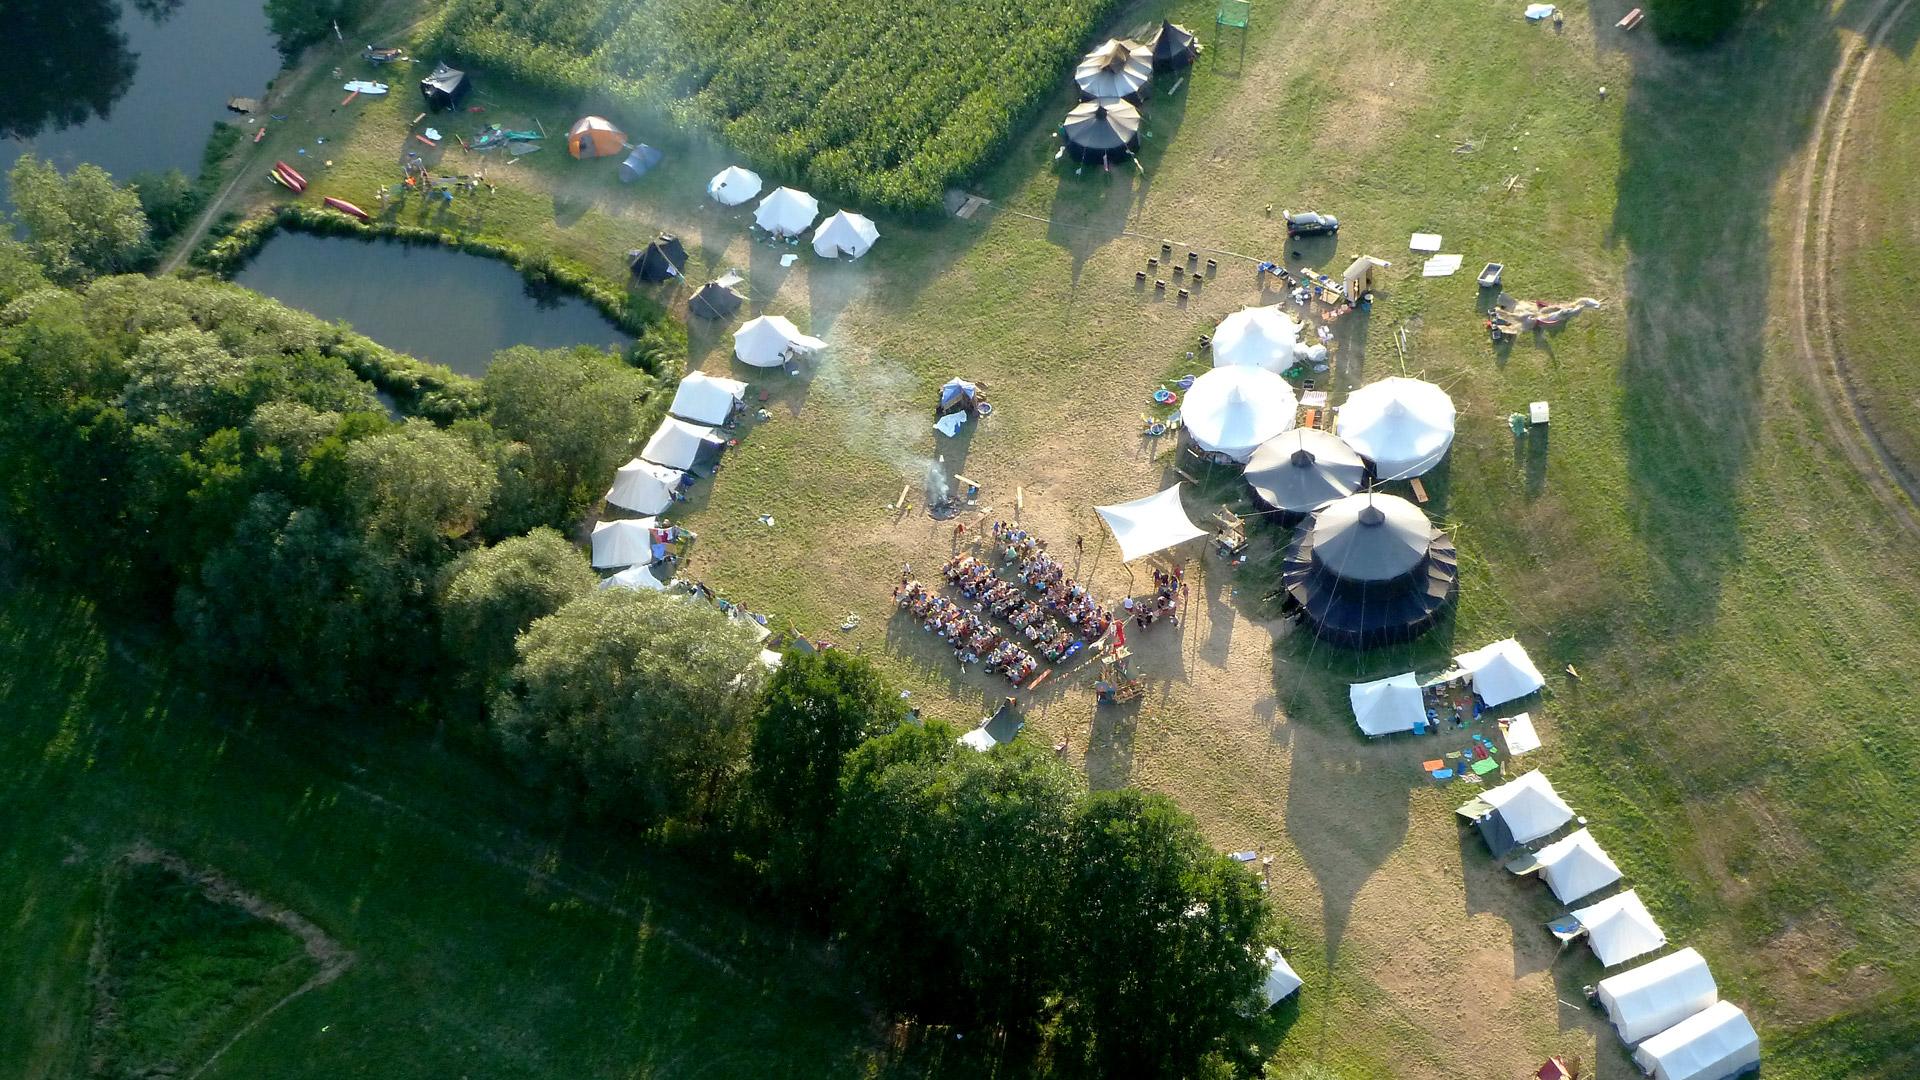 Pfadfinder Sinzing (Regensburg) - Ansicht eines Zeltlagers aus einem Flugzeug